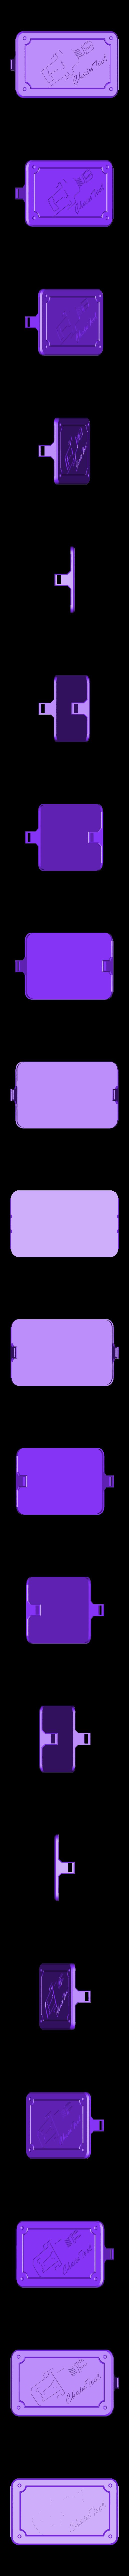 Lid_ChainTool_Box.stl Télécharger fichier STL gratuit Boîte à outils de la chaîne • Design pour impression 3D, Sparhawk